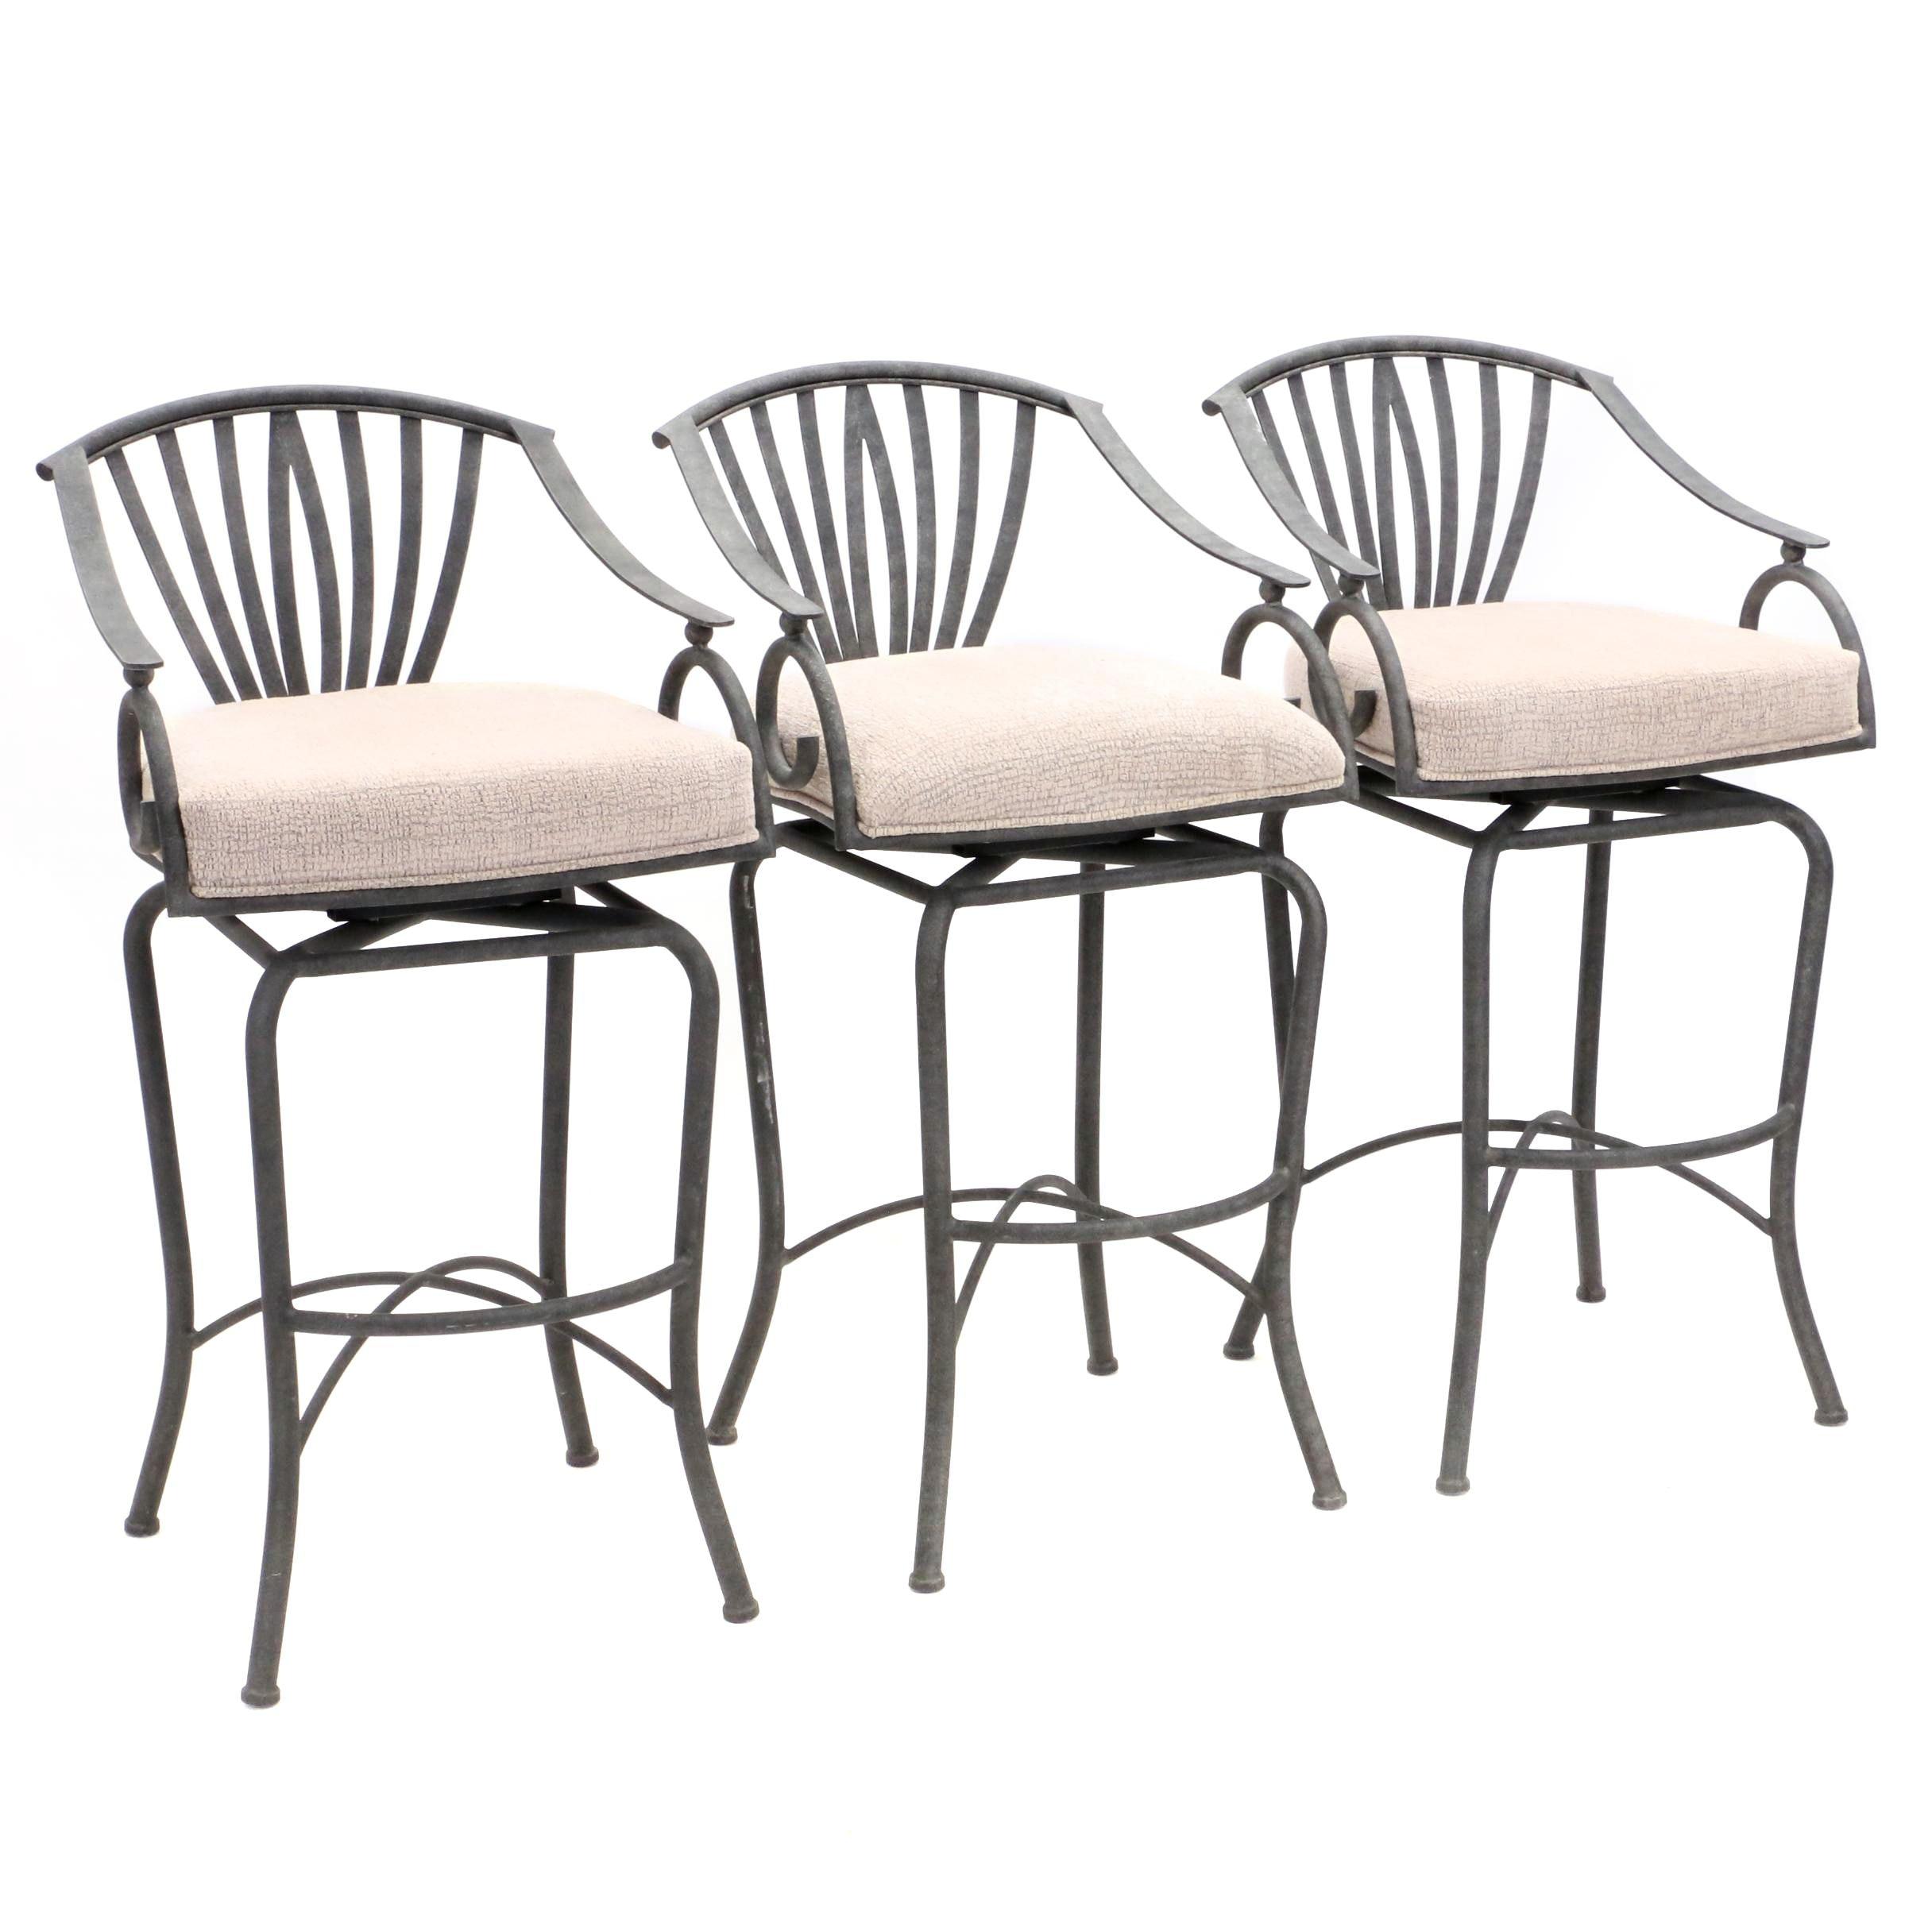 Three Contemporary Barstools